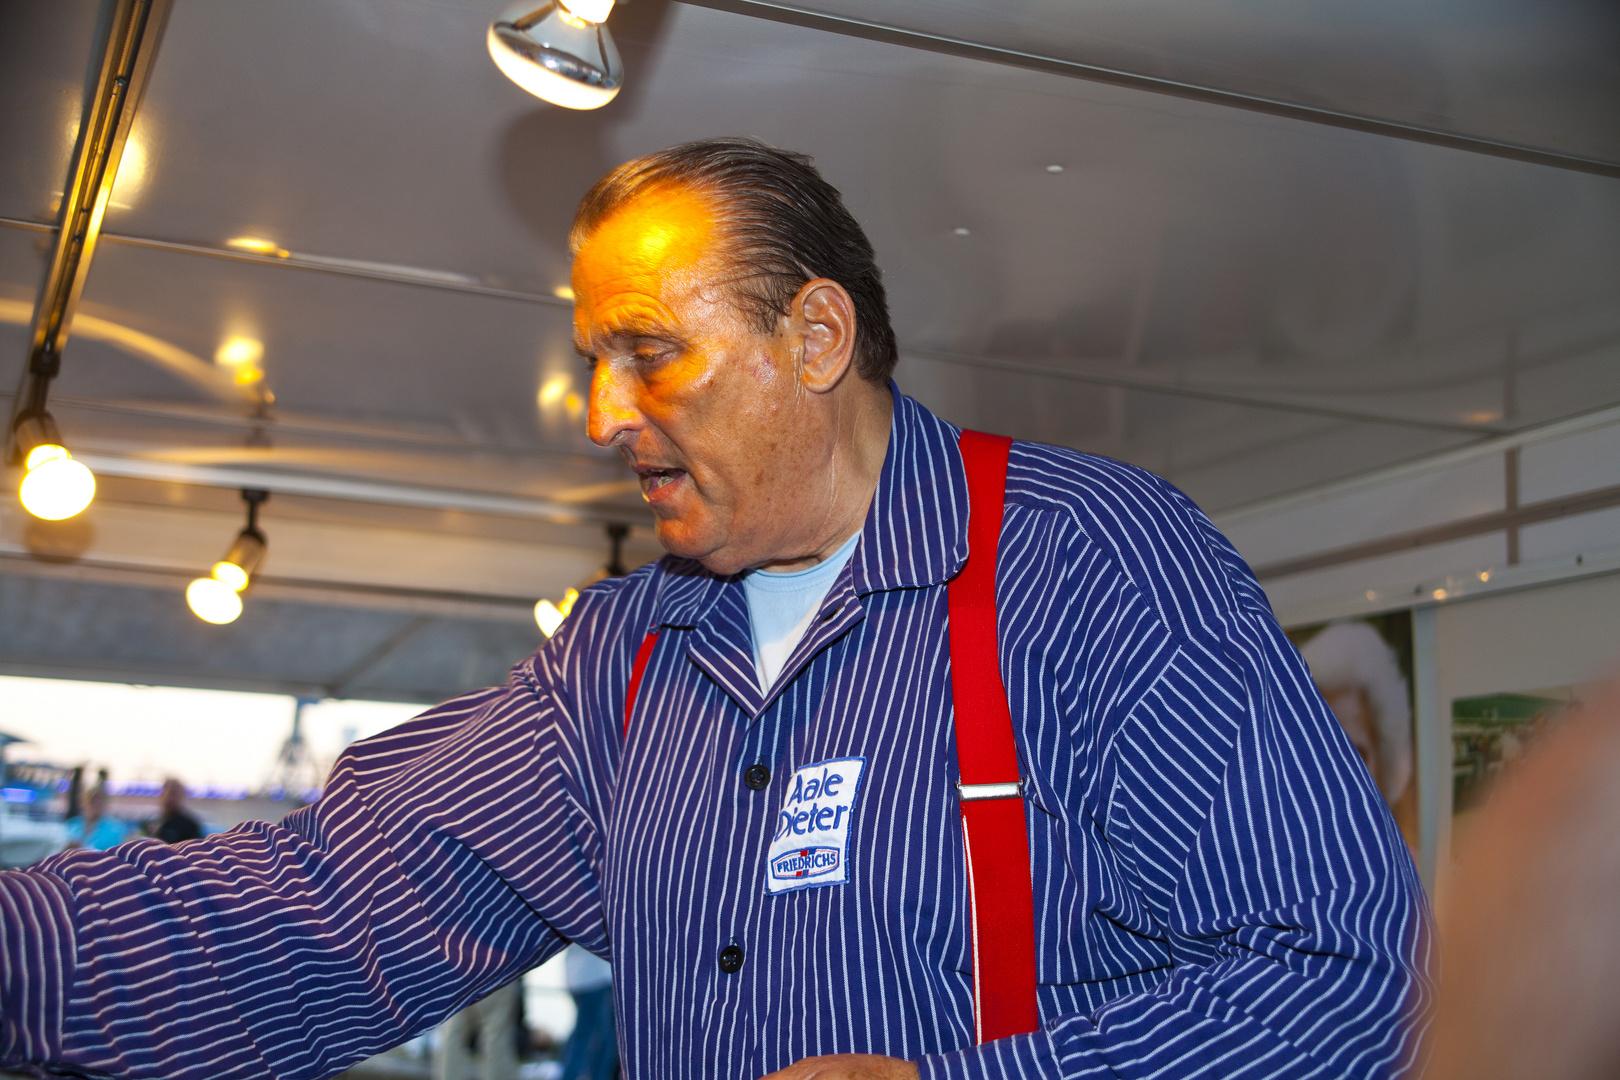 Aale Dieter am Hamburger Fischmarkt